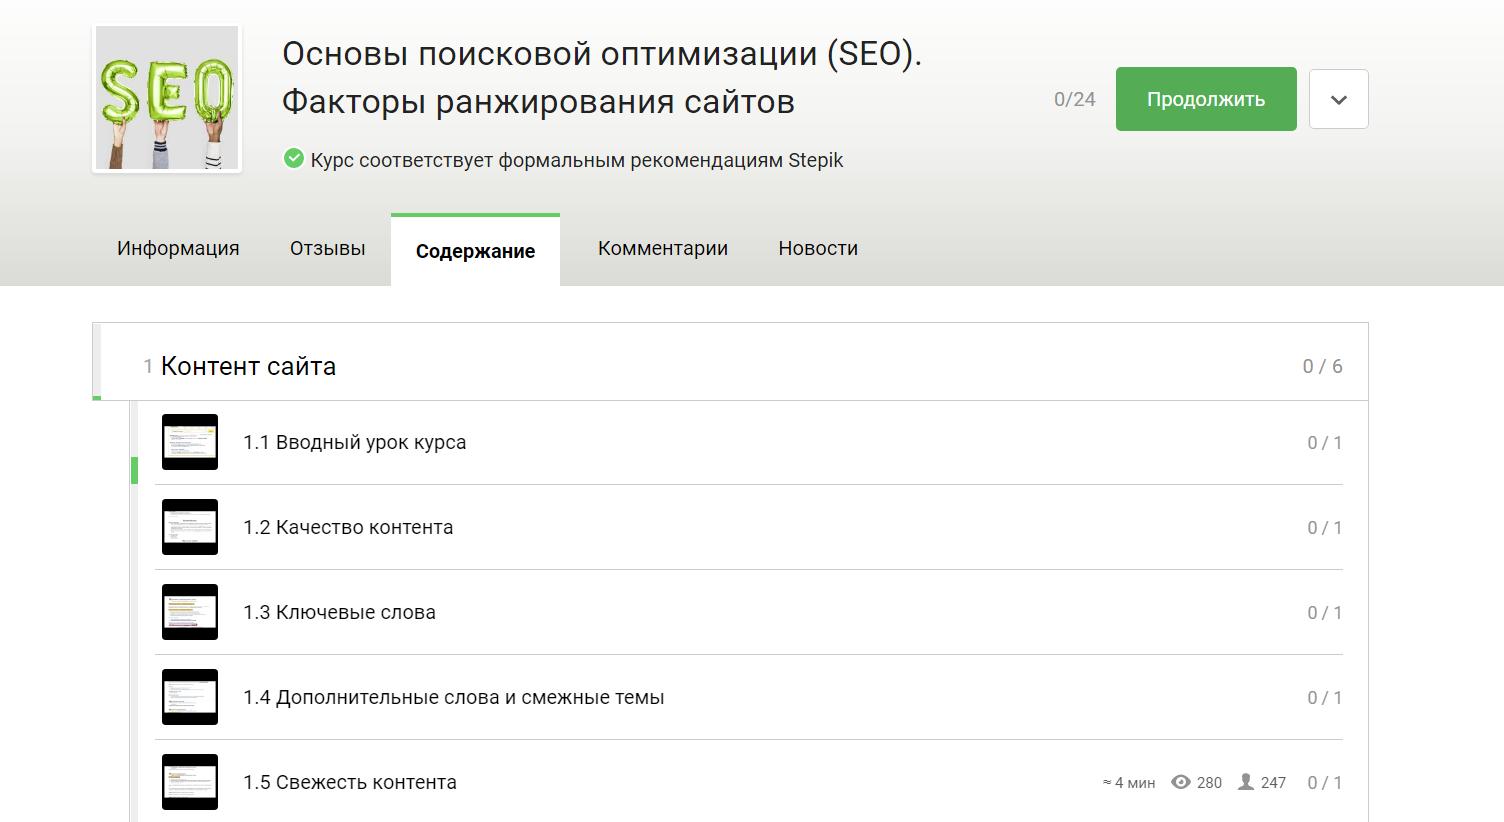 Курс Основы поисковой оптимизации (SEO)